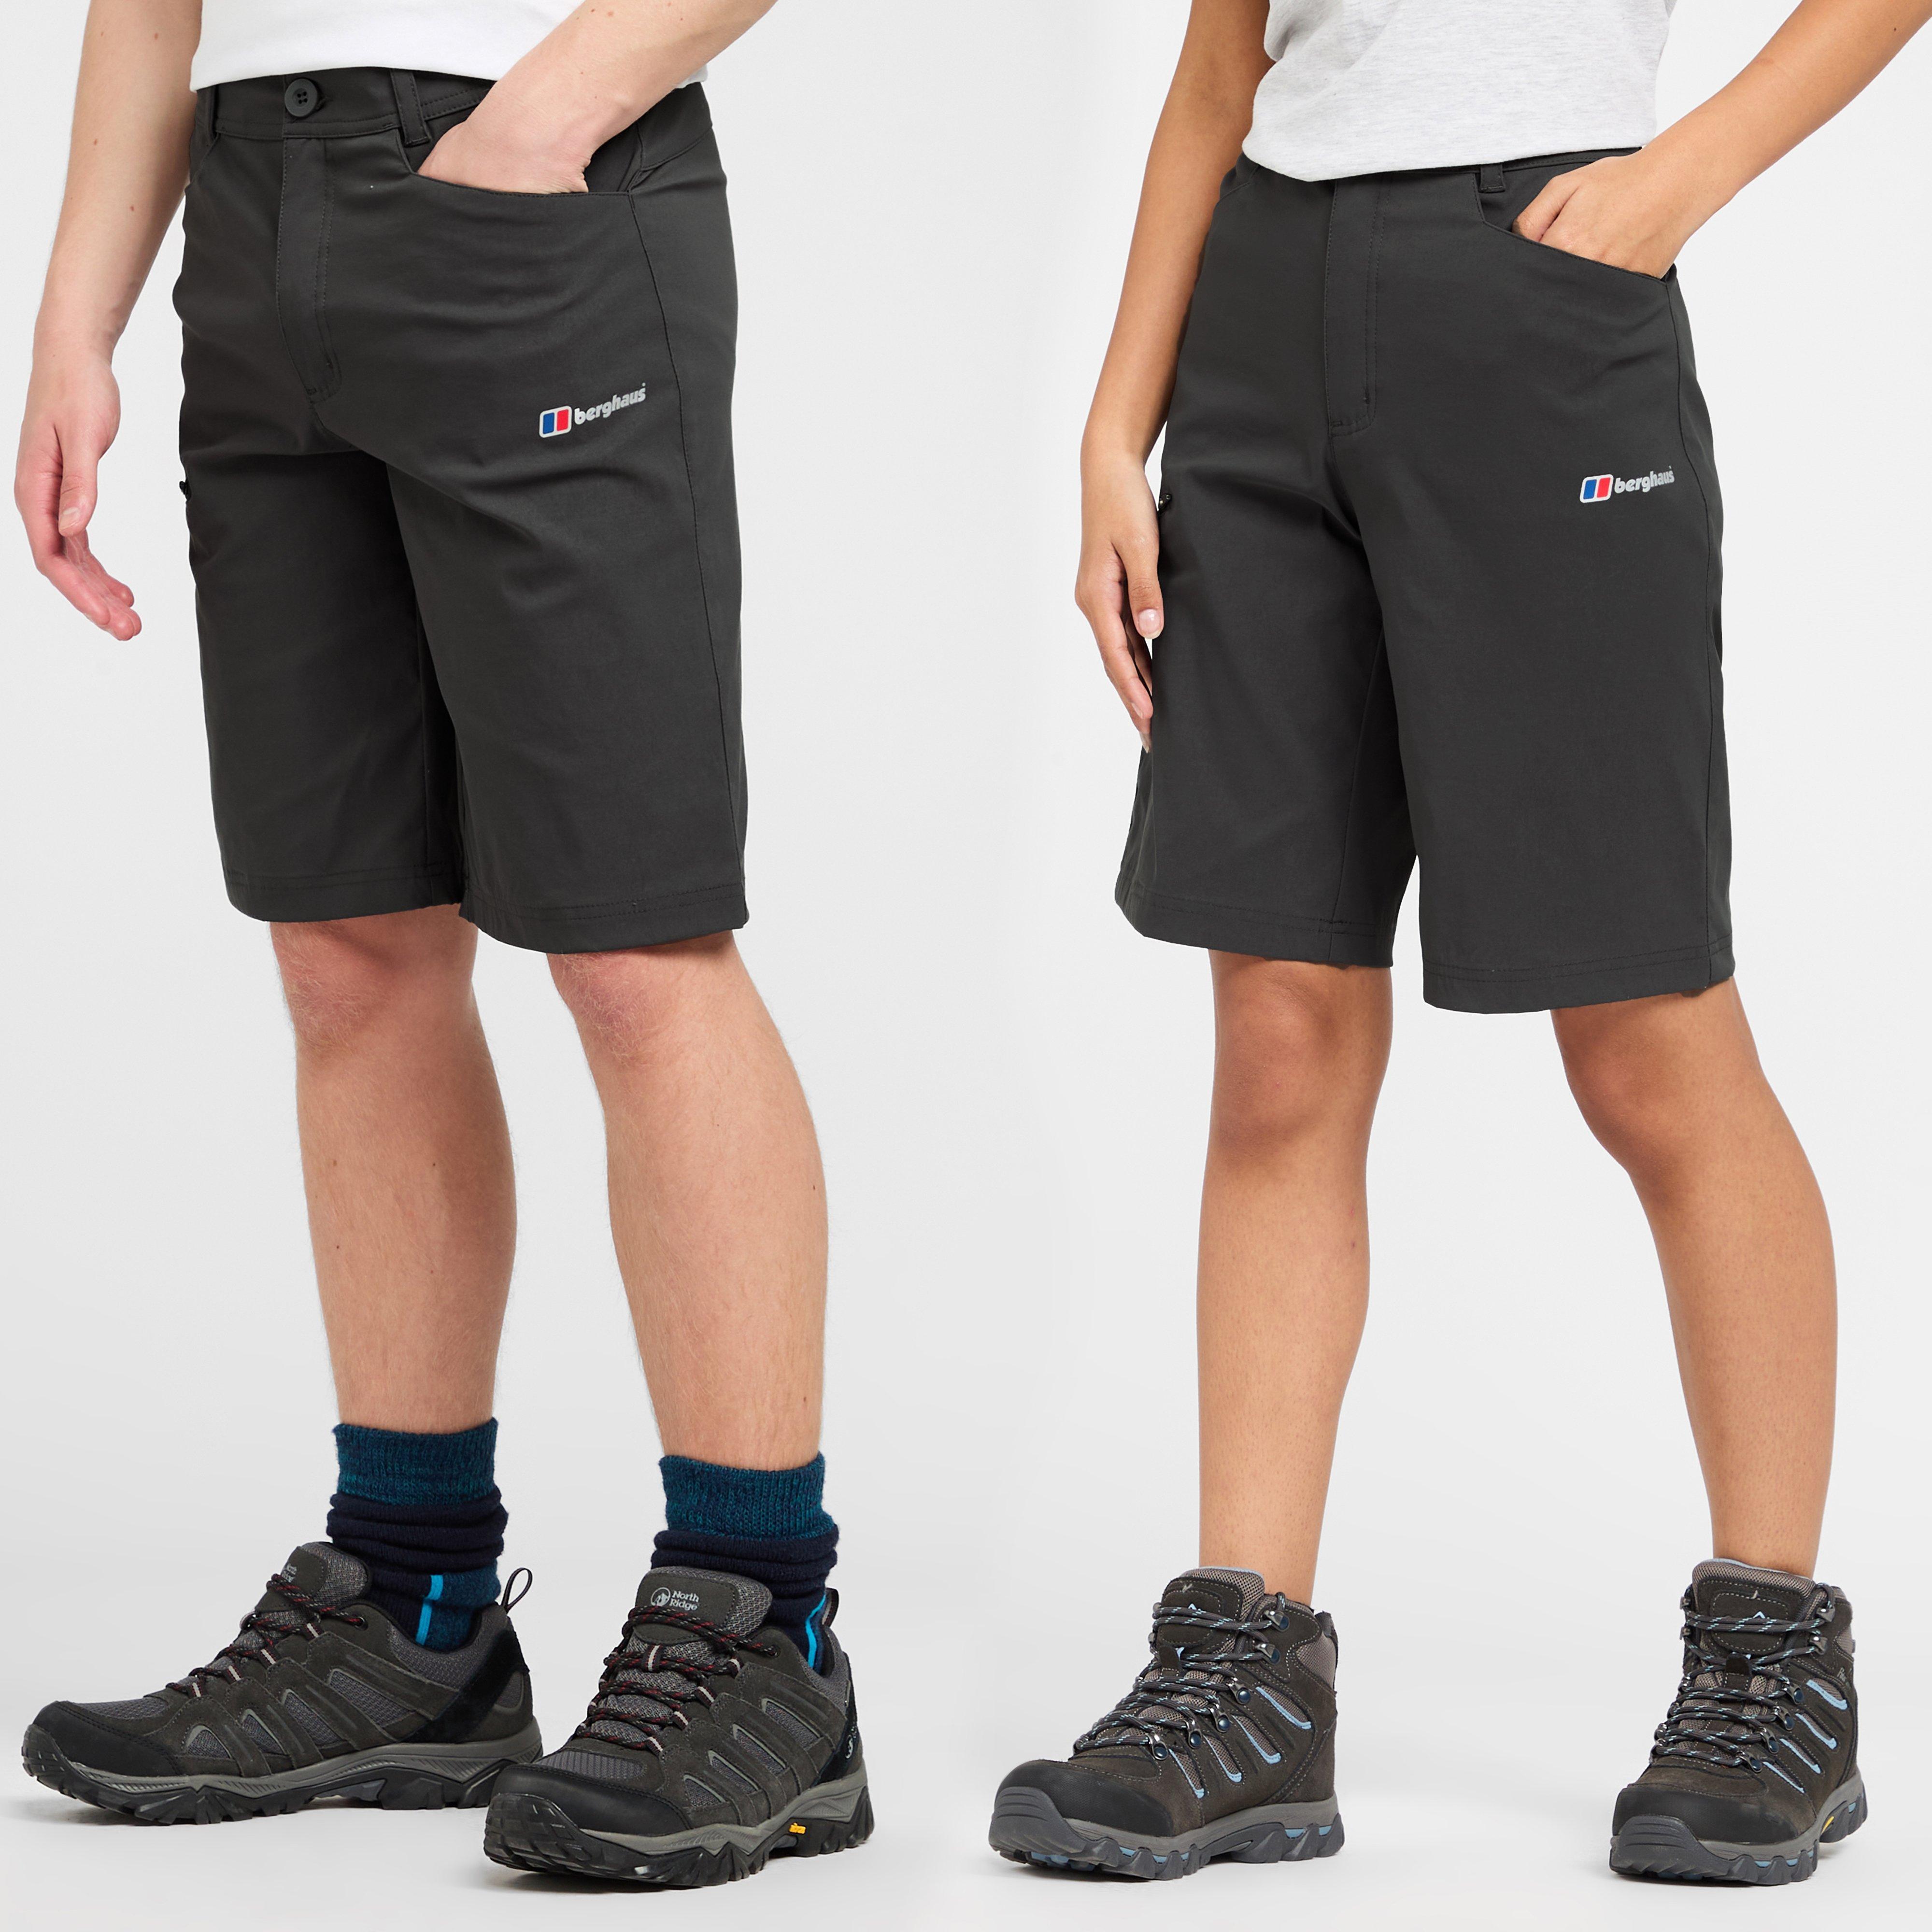 BERGHAUS Kids' Shorts, Grey/GRY